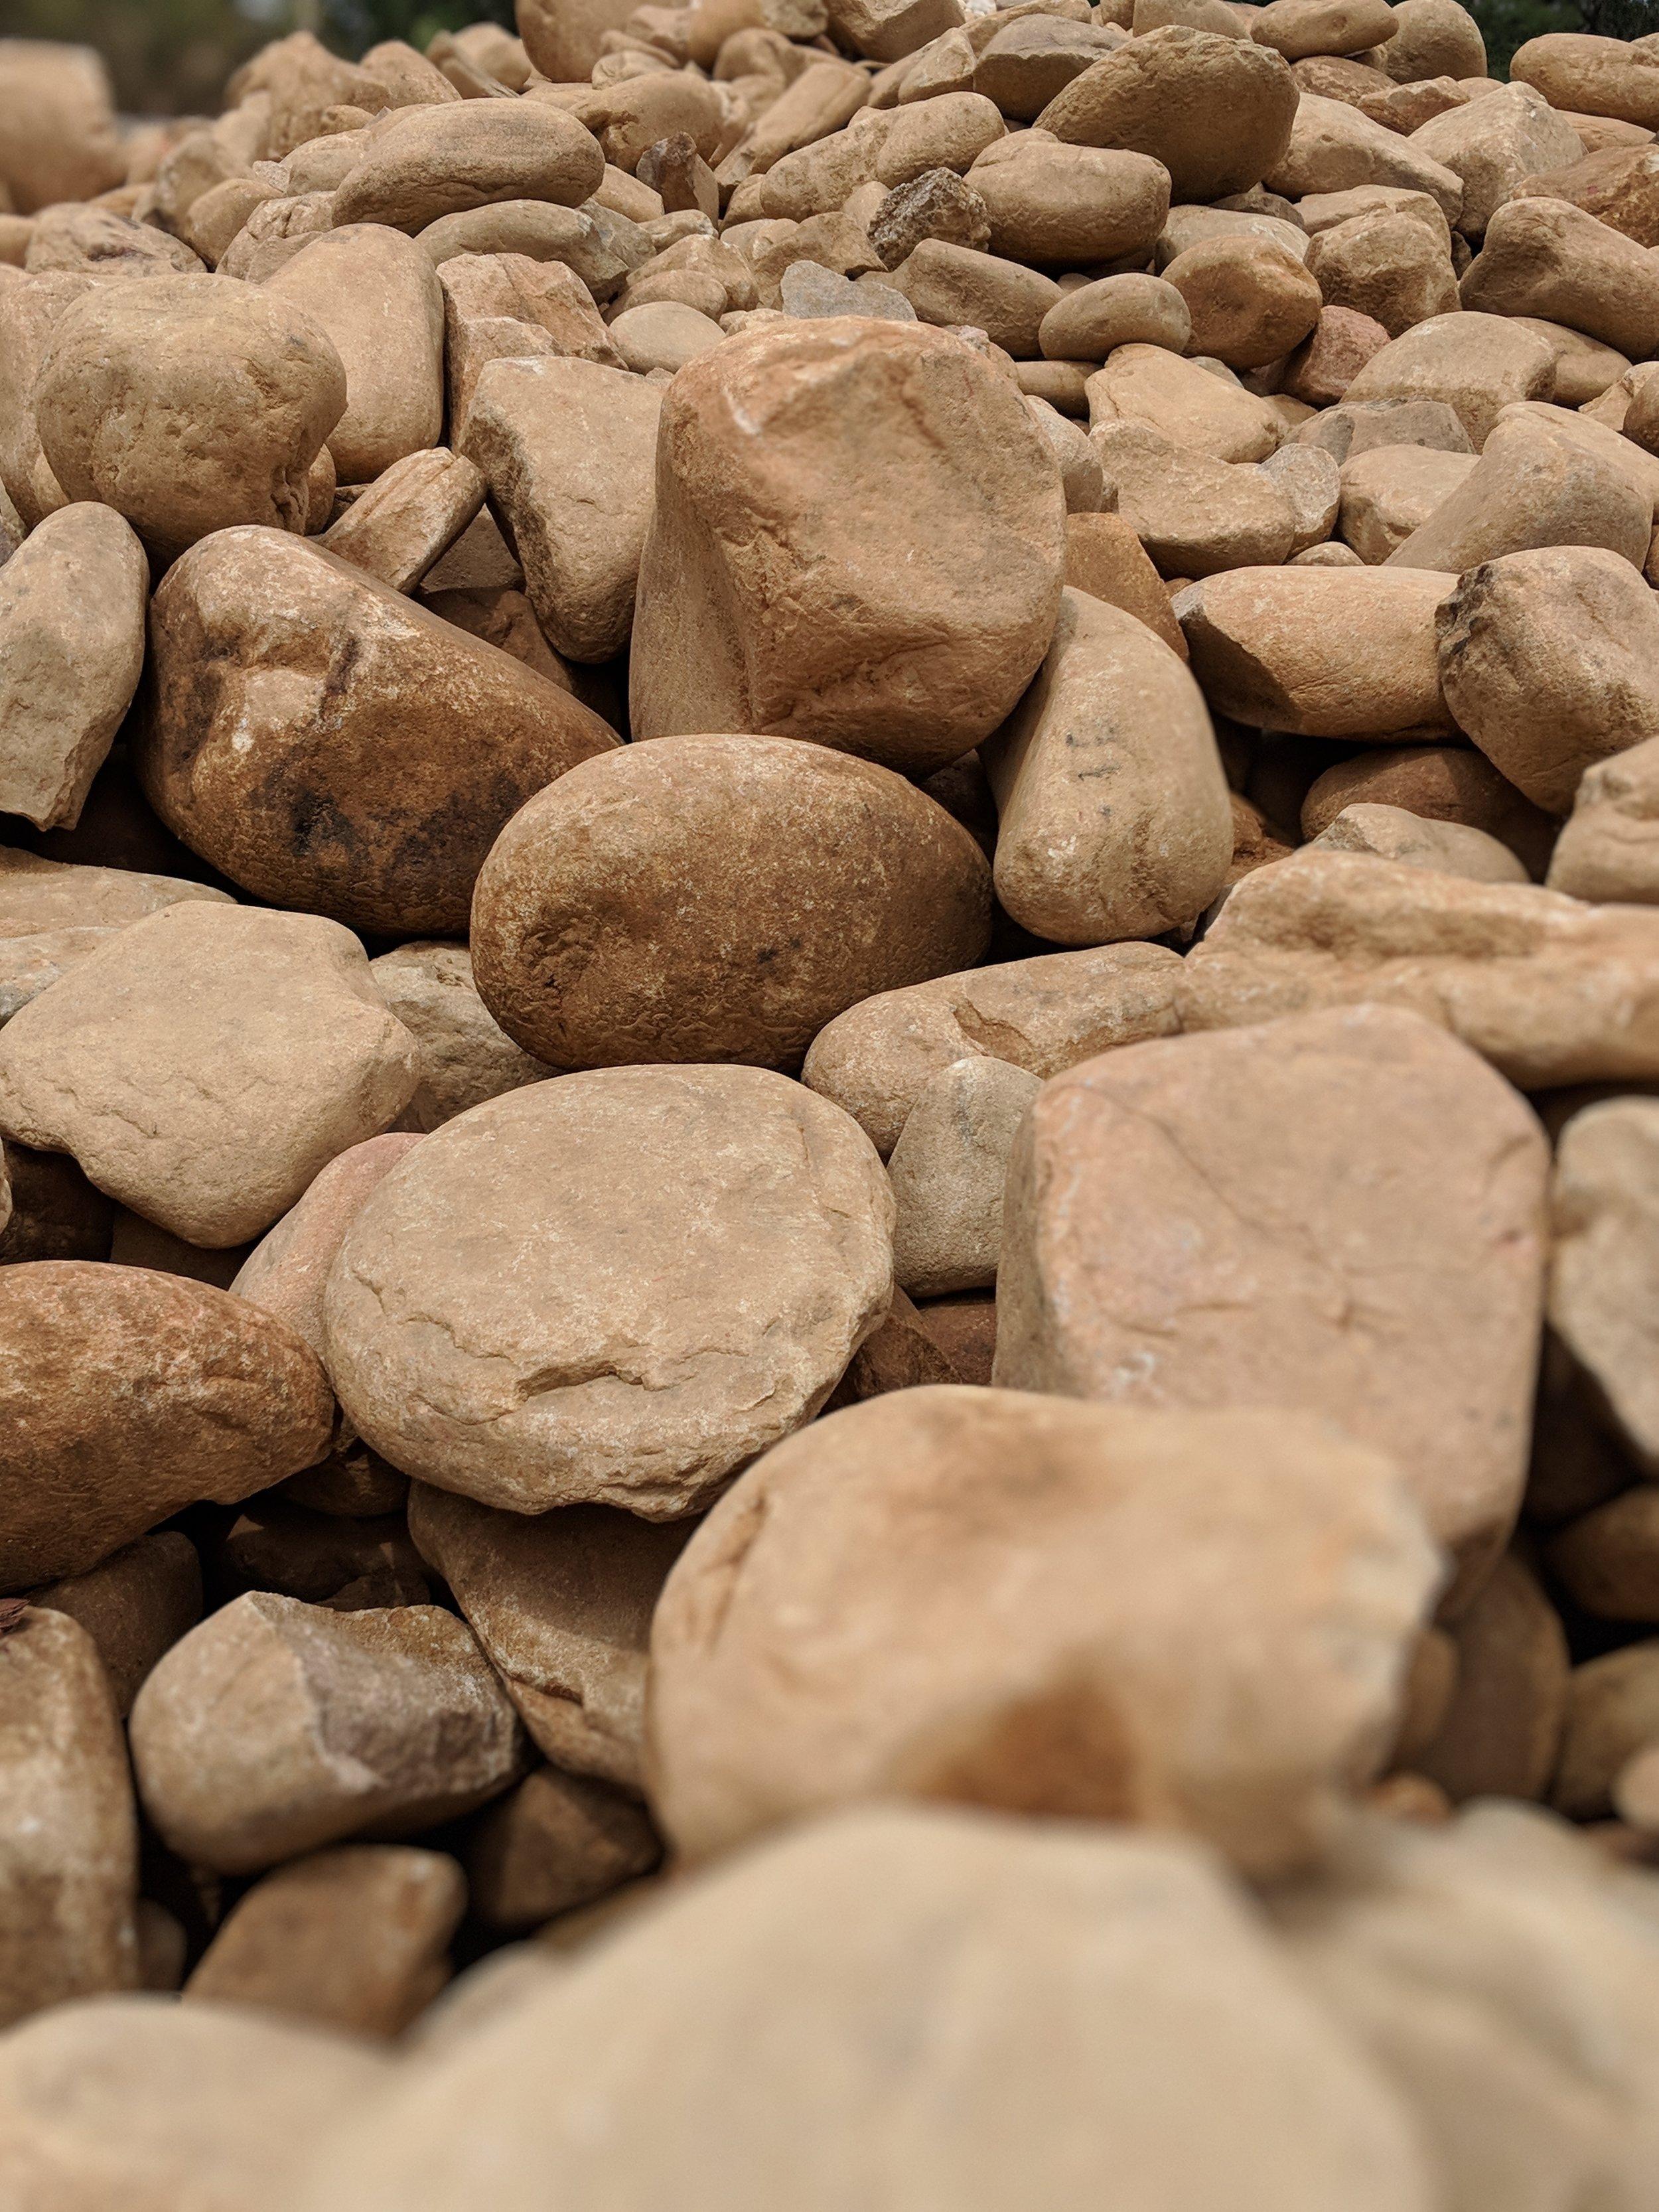 Grande River Rocks